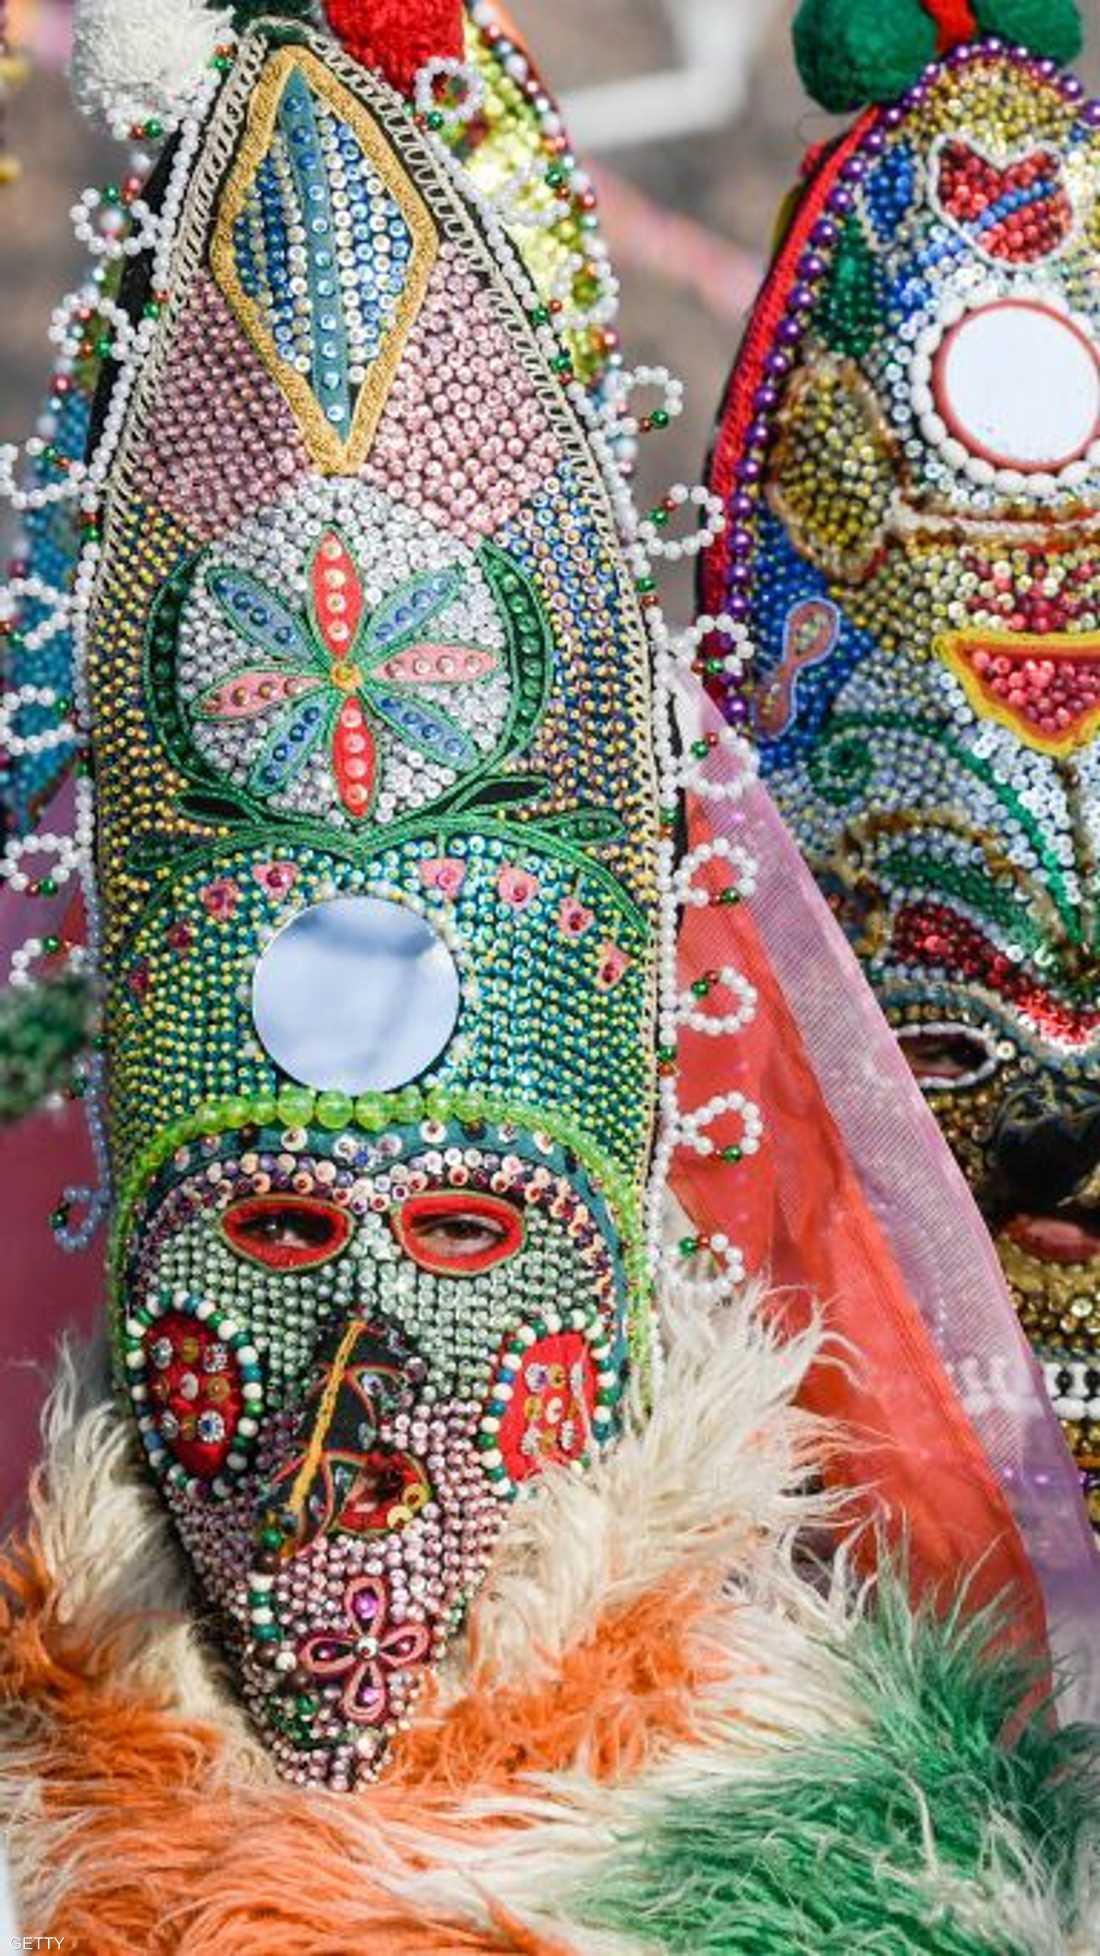 """ويطلق على المهرجان اسم """"سورفا""""، وهو أقدم مهرجان للأزياء التنكرية في بلغاريا الواقعة في منطقة البلقان"""